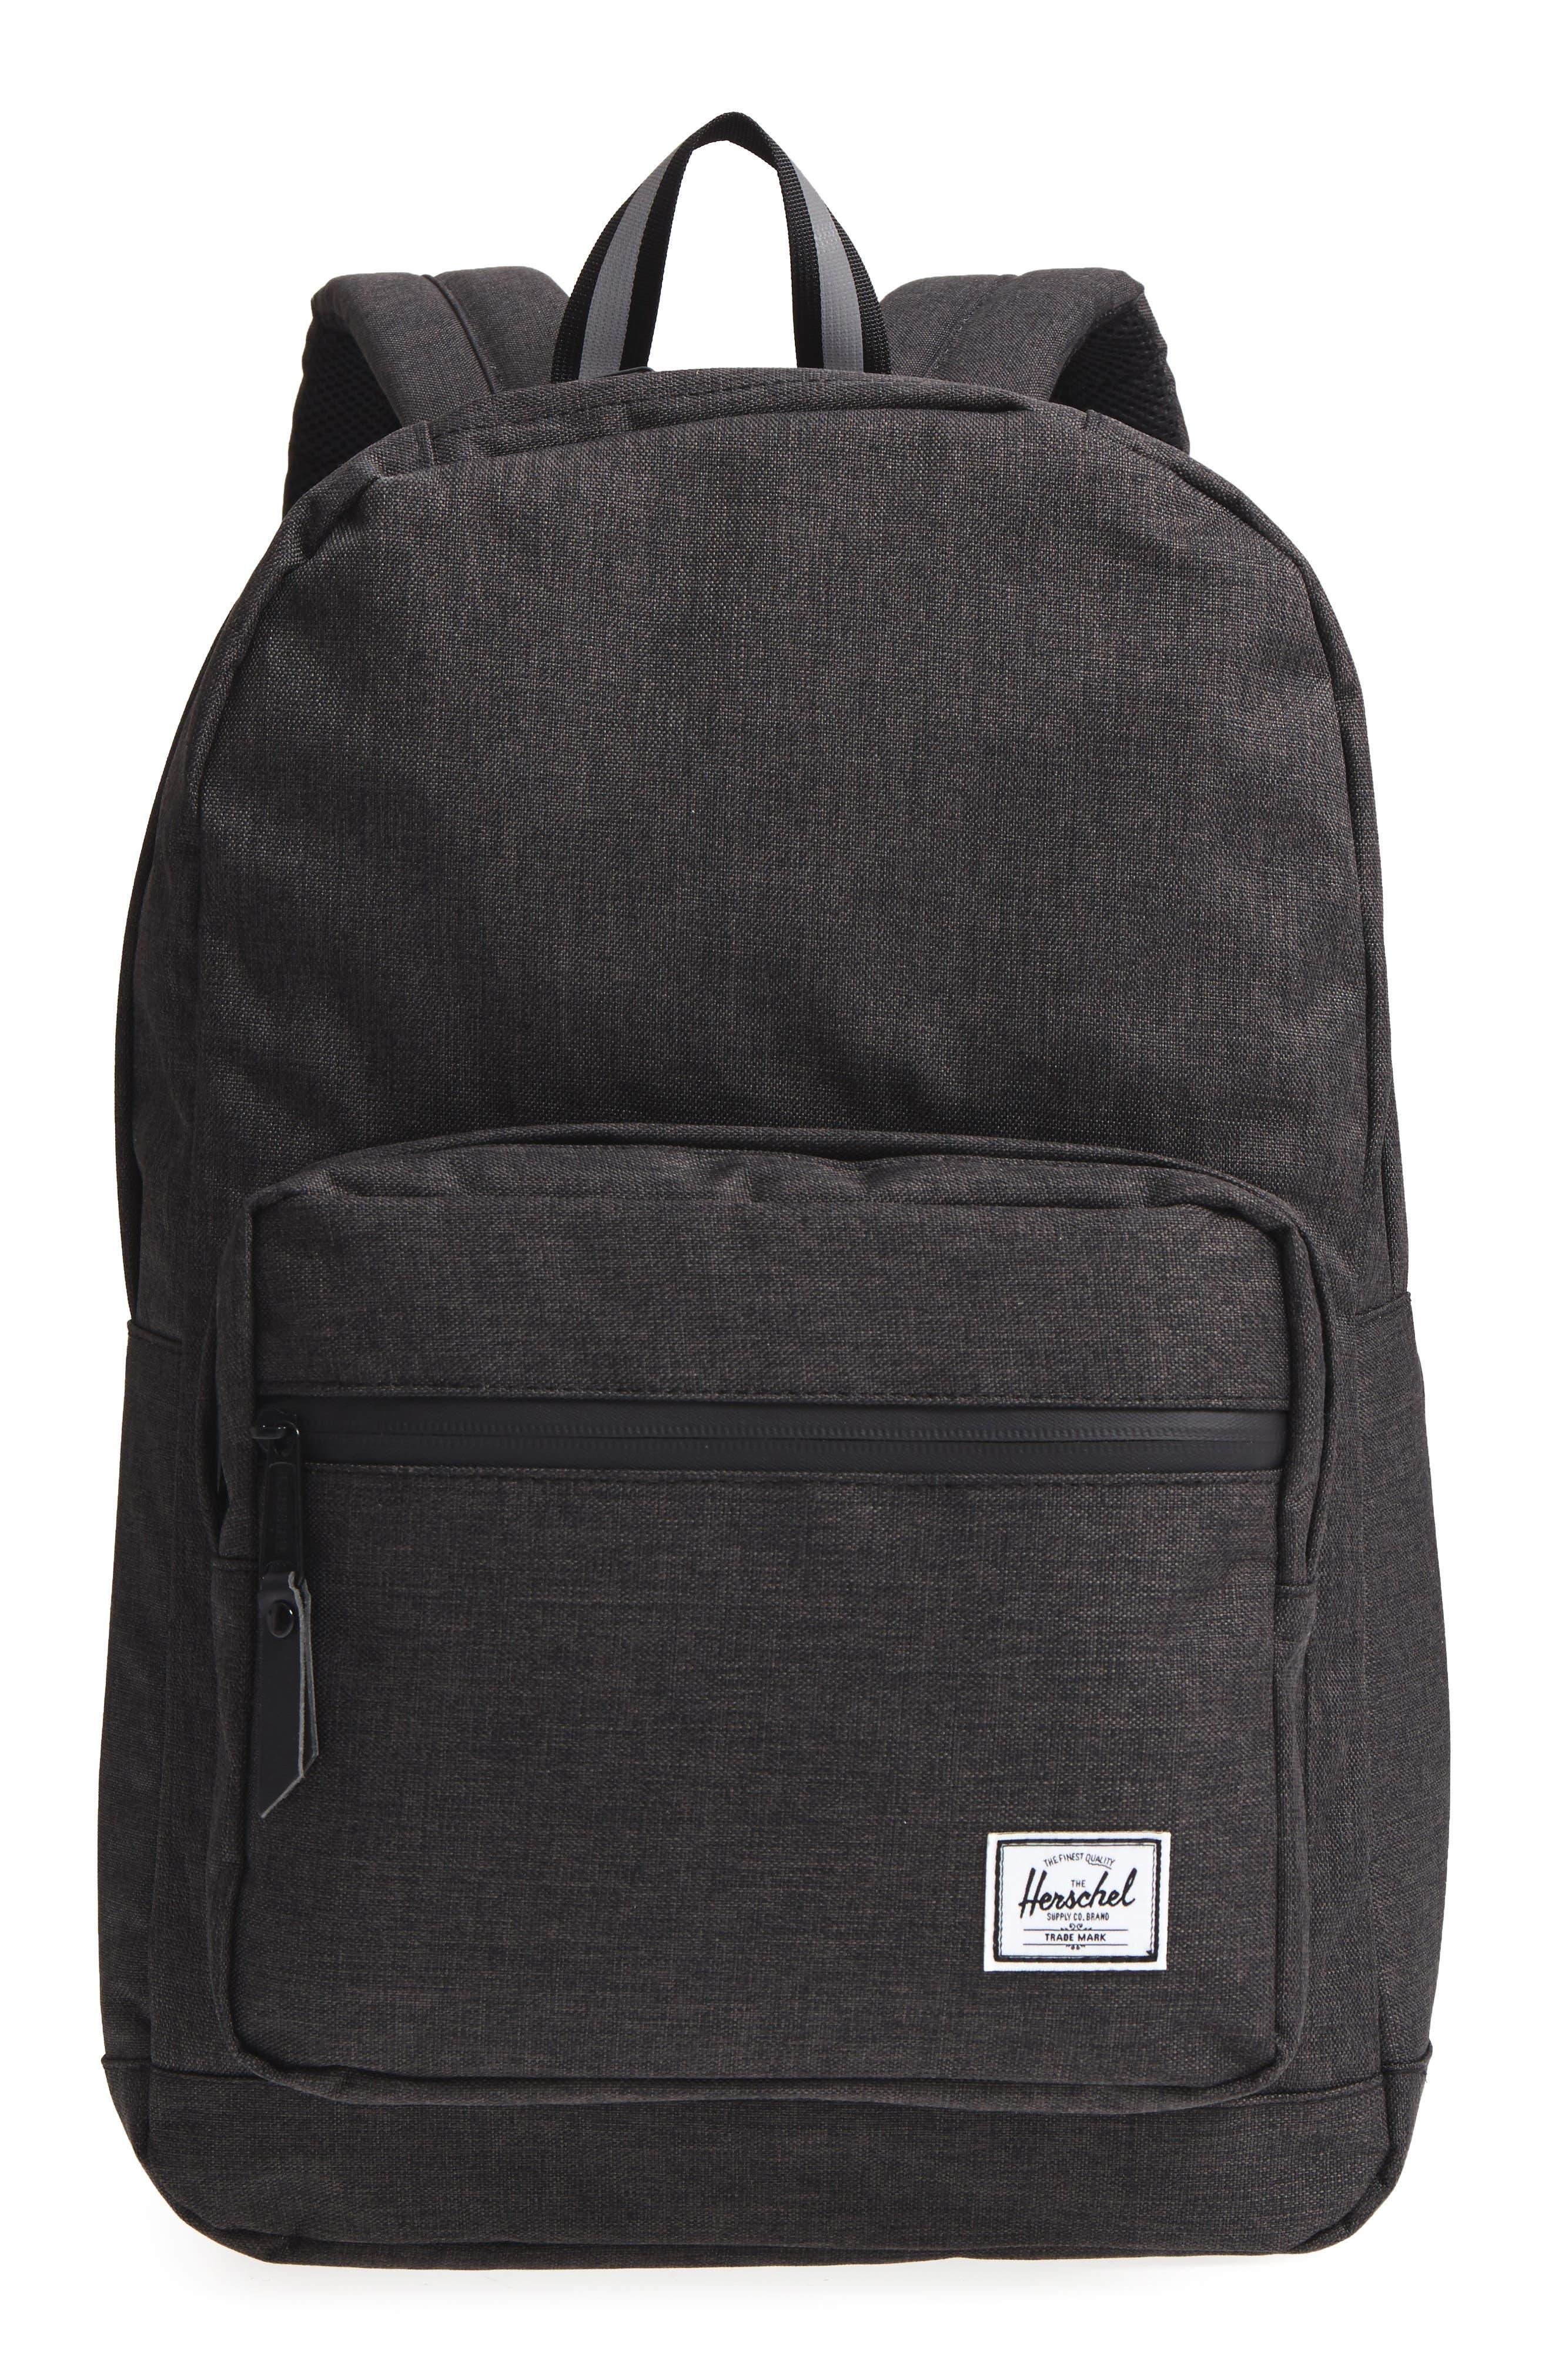 Main Image - Herschel Supply Co. Pop Quiz - Reflective Backpack